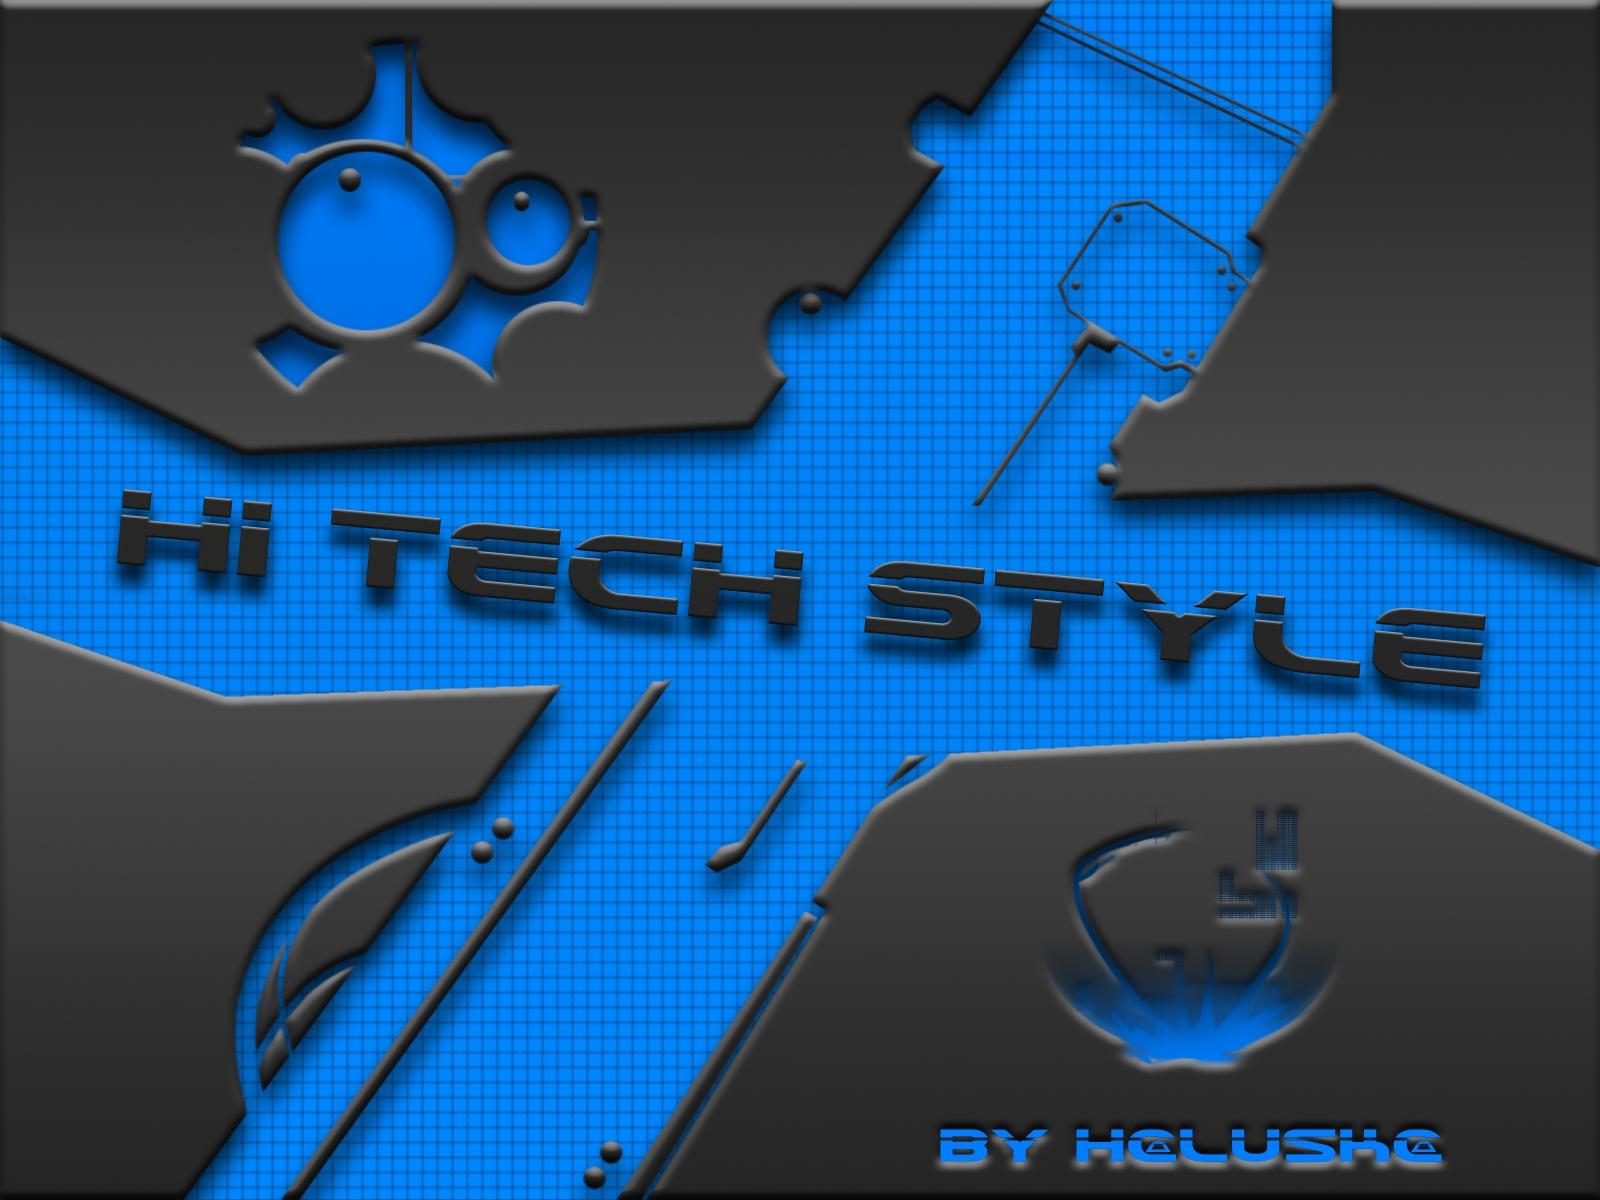 Hi Tech Style By Haluskaaa On Deviantart